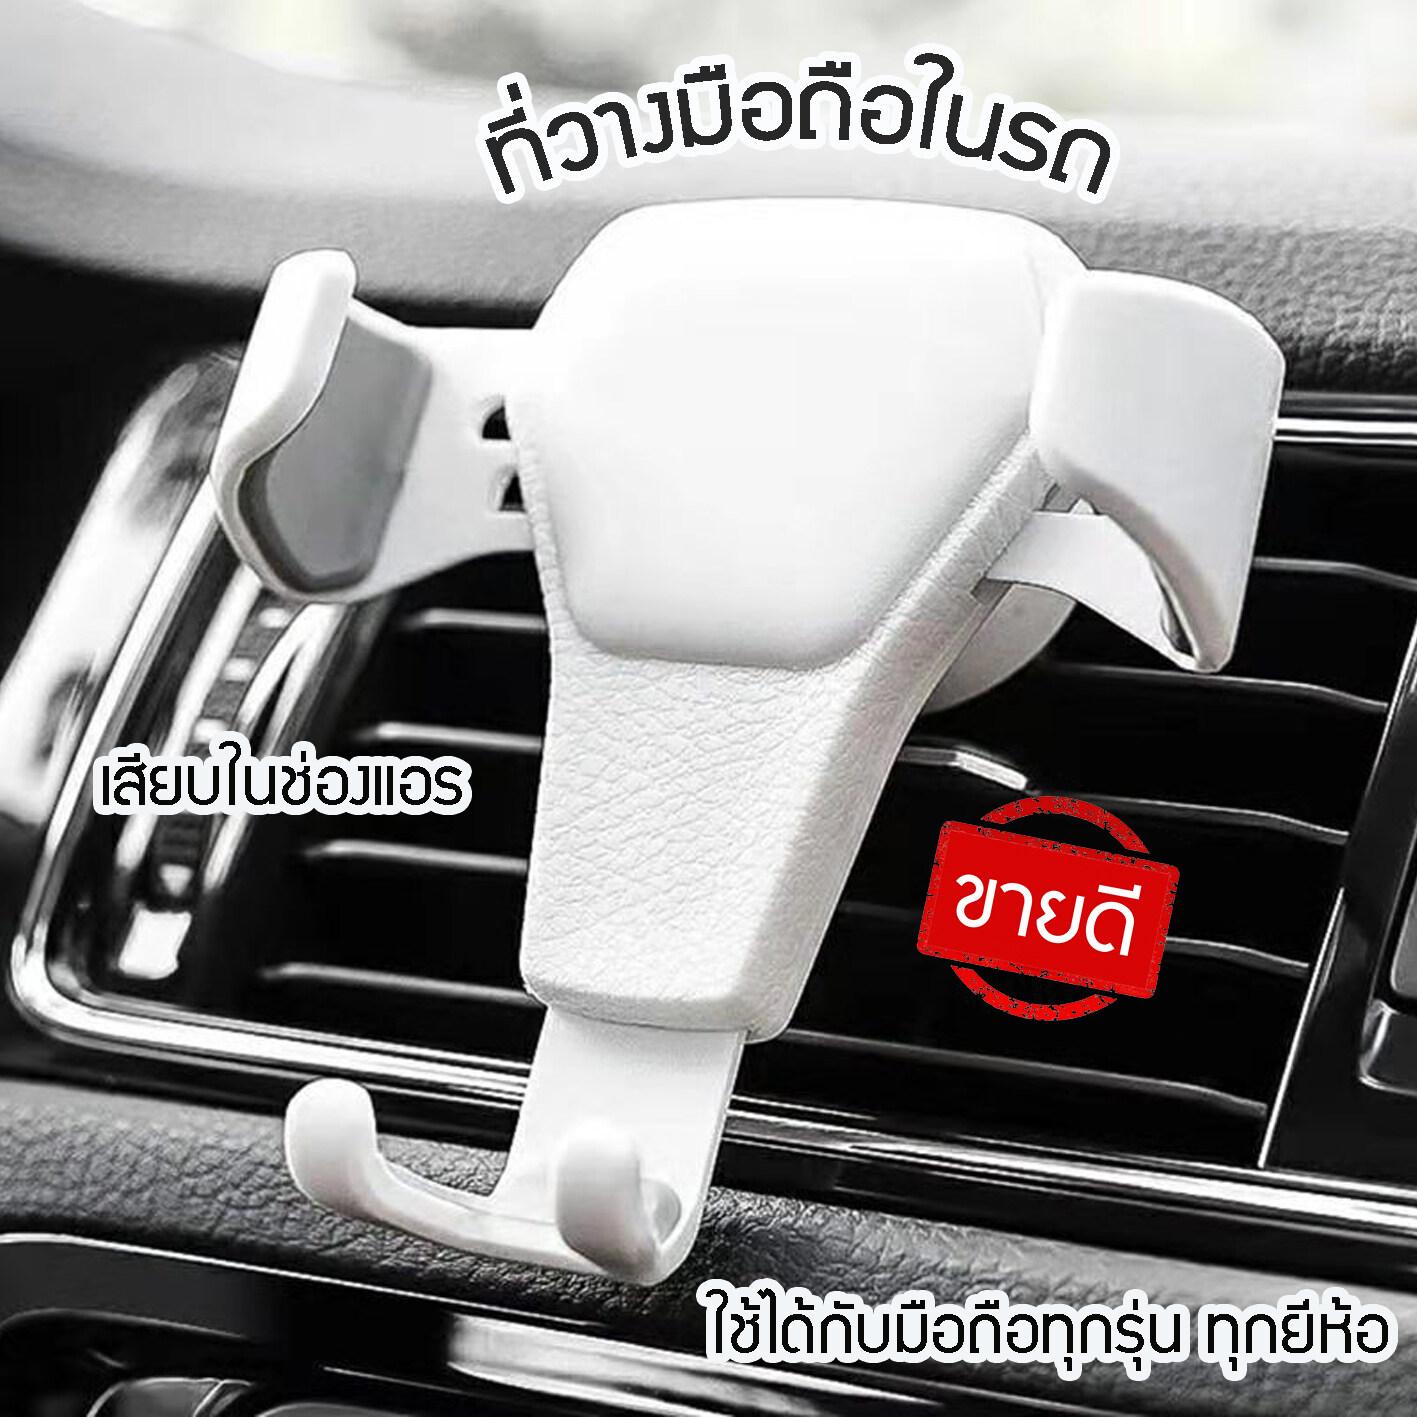 ที่วางโทรศัพท์ในรถ ที่วางมือถือ ตัวจับโทรศัพท์ ที่หนีบโทรศัพท์ในรถยนต์ Gps ที่จับโทรศัพท์ ขายึดโทรศัพท์ ที่วางมือถือในรถ ตัวจับมือถือ.